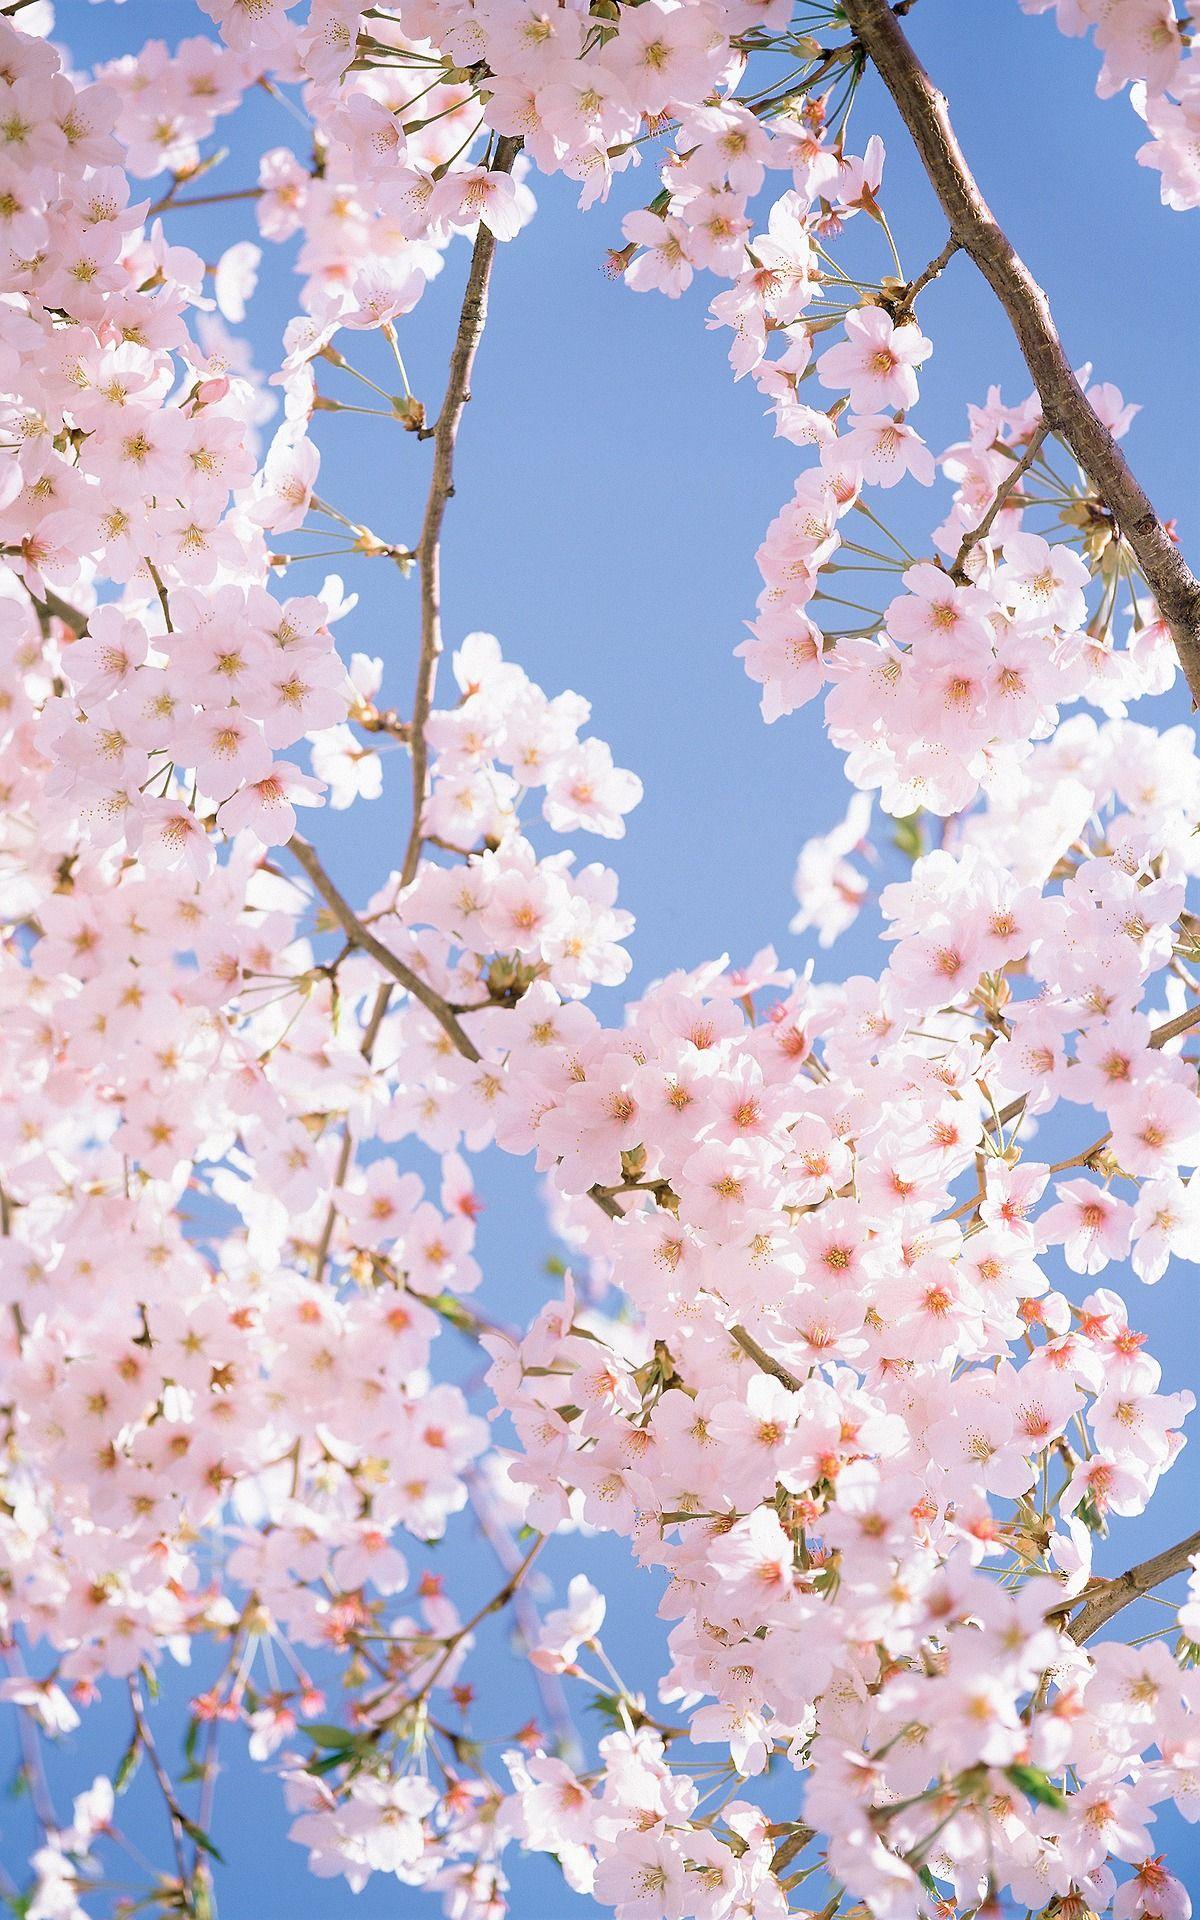 Cherry blossom sky Cherry blossom wallpaper, Blossom